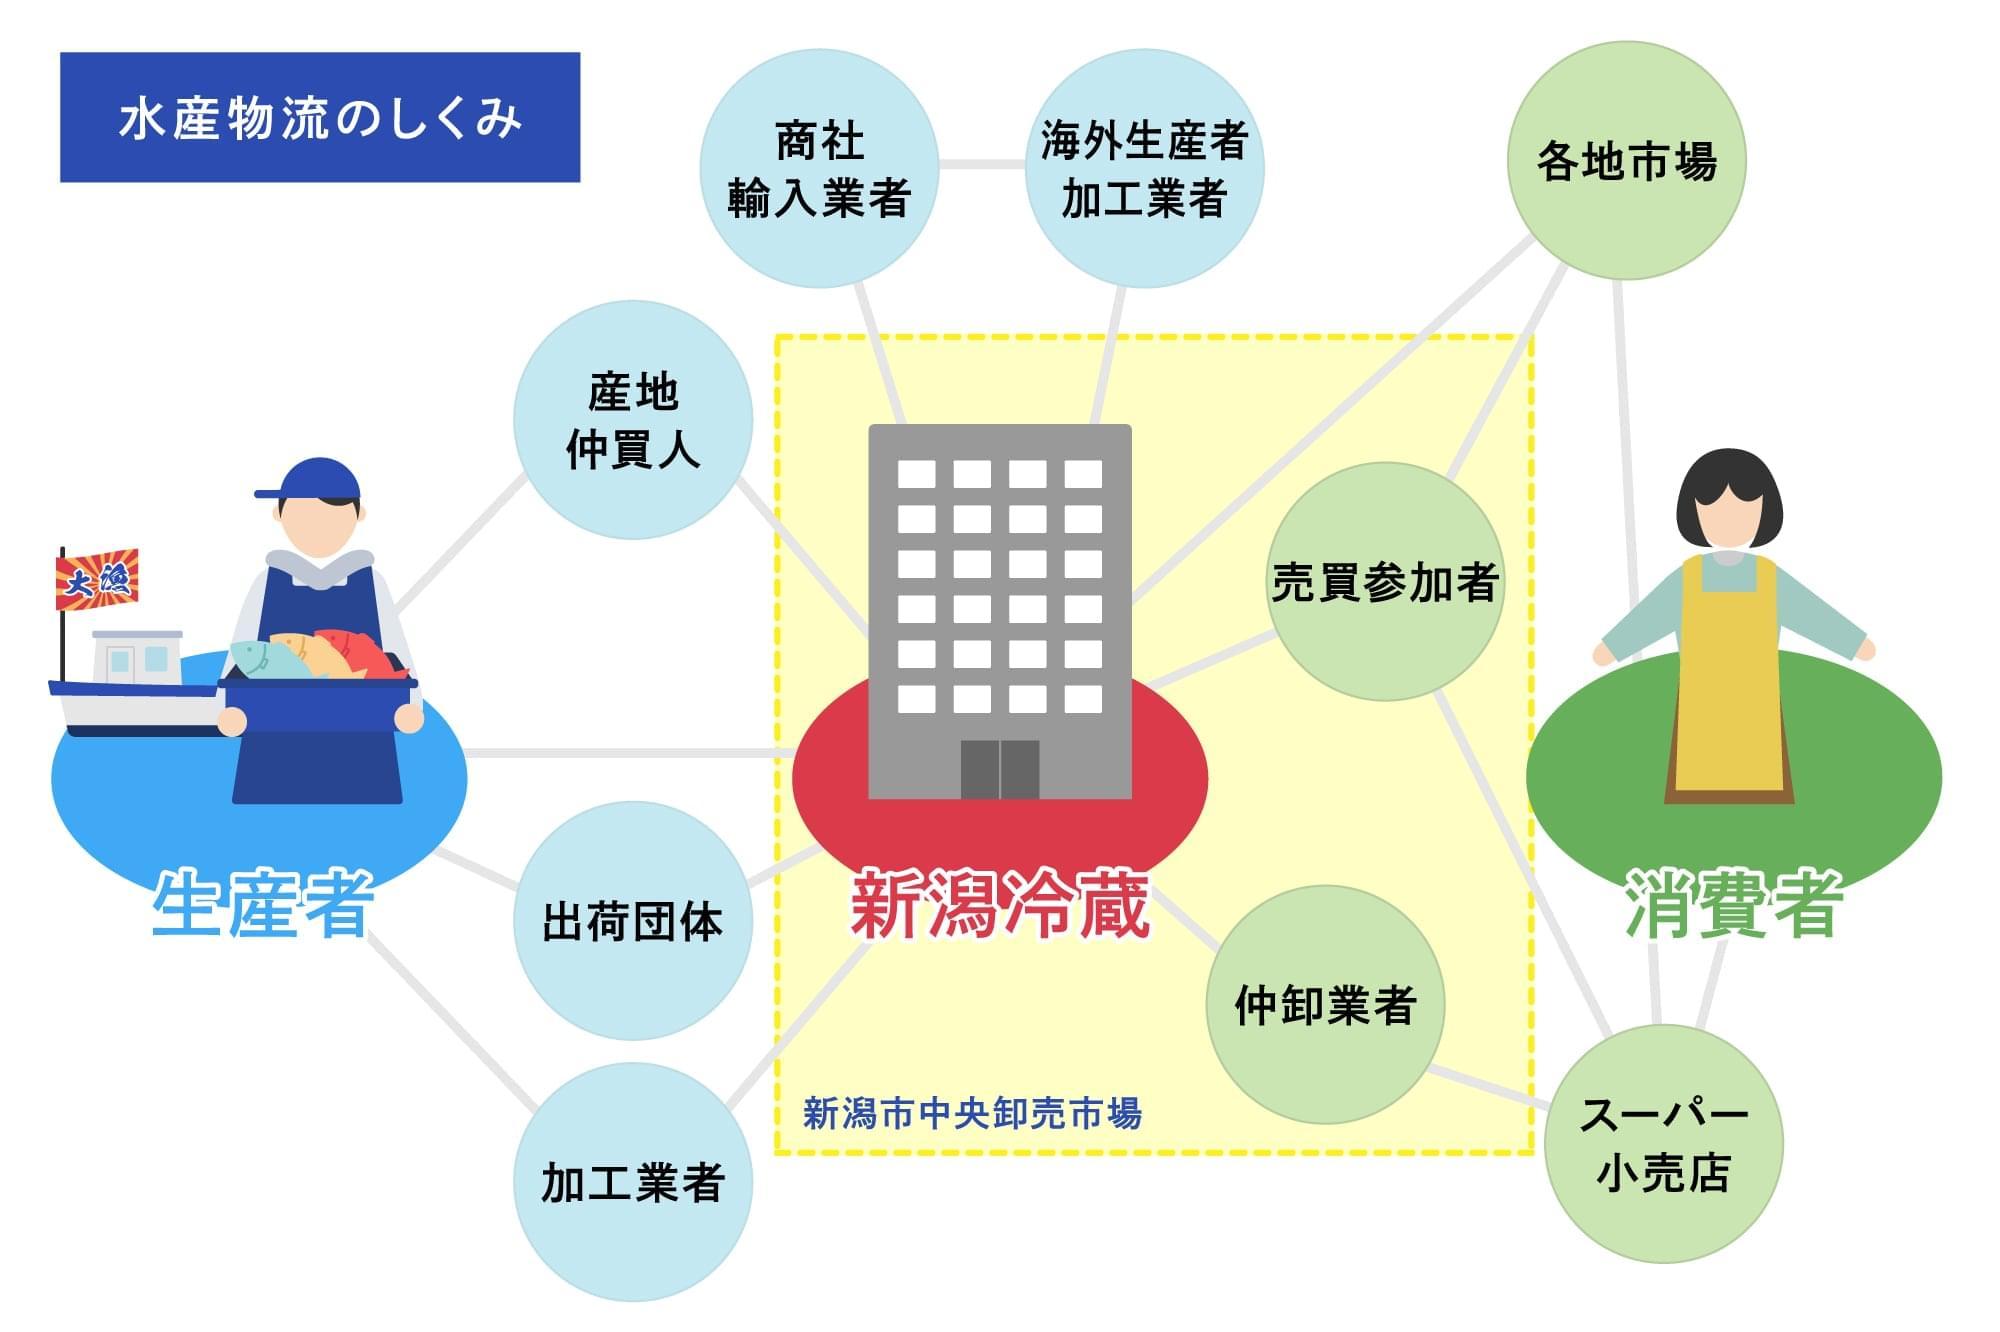 水産物流の図